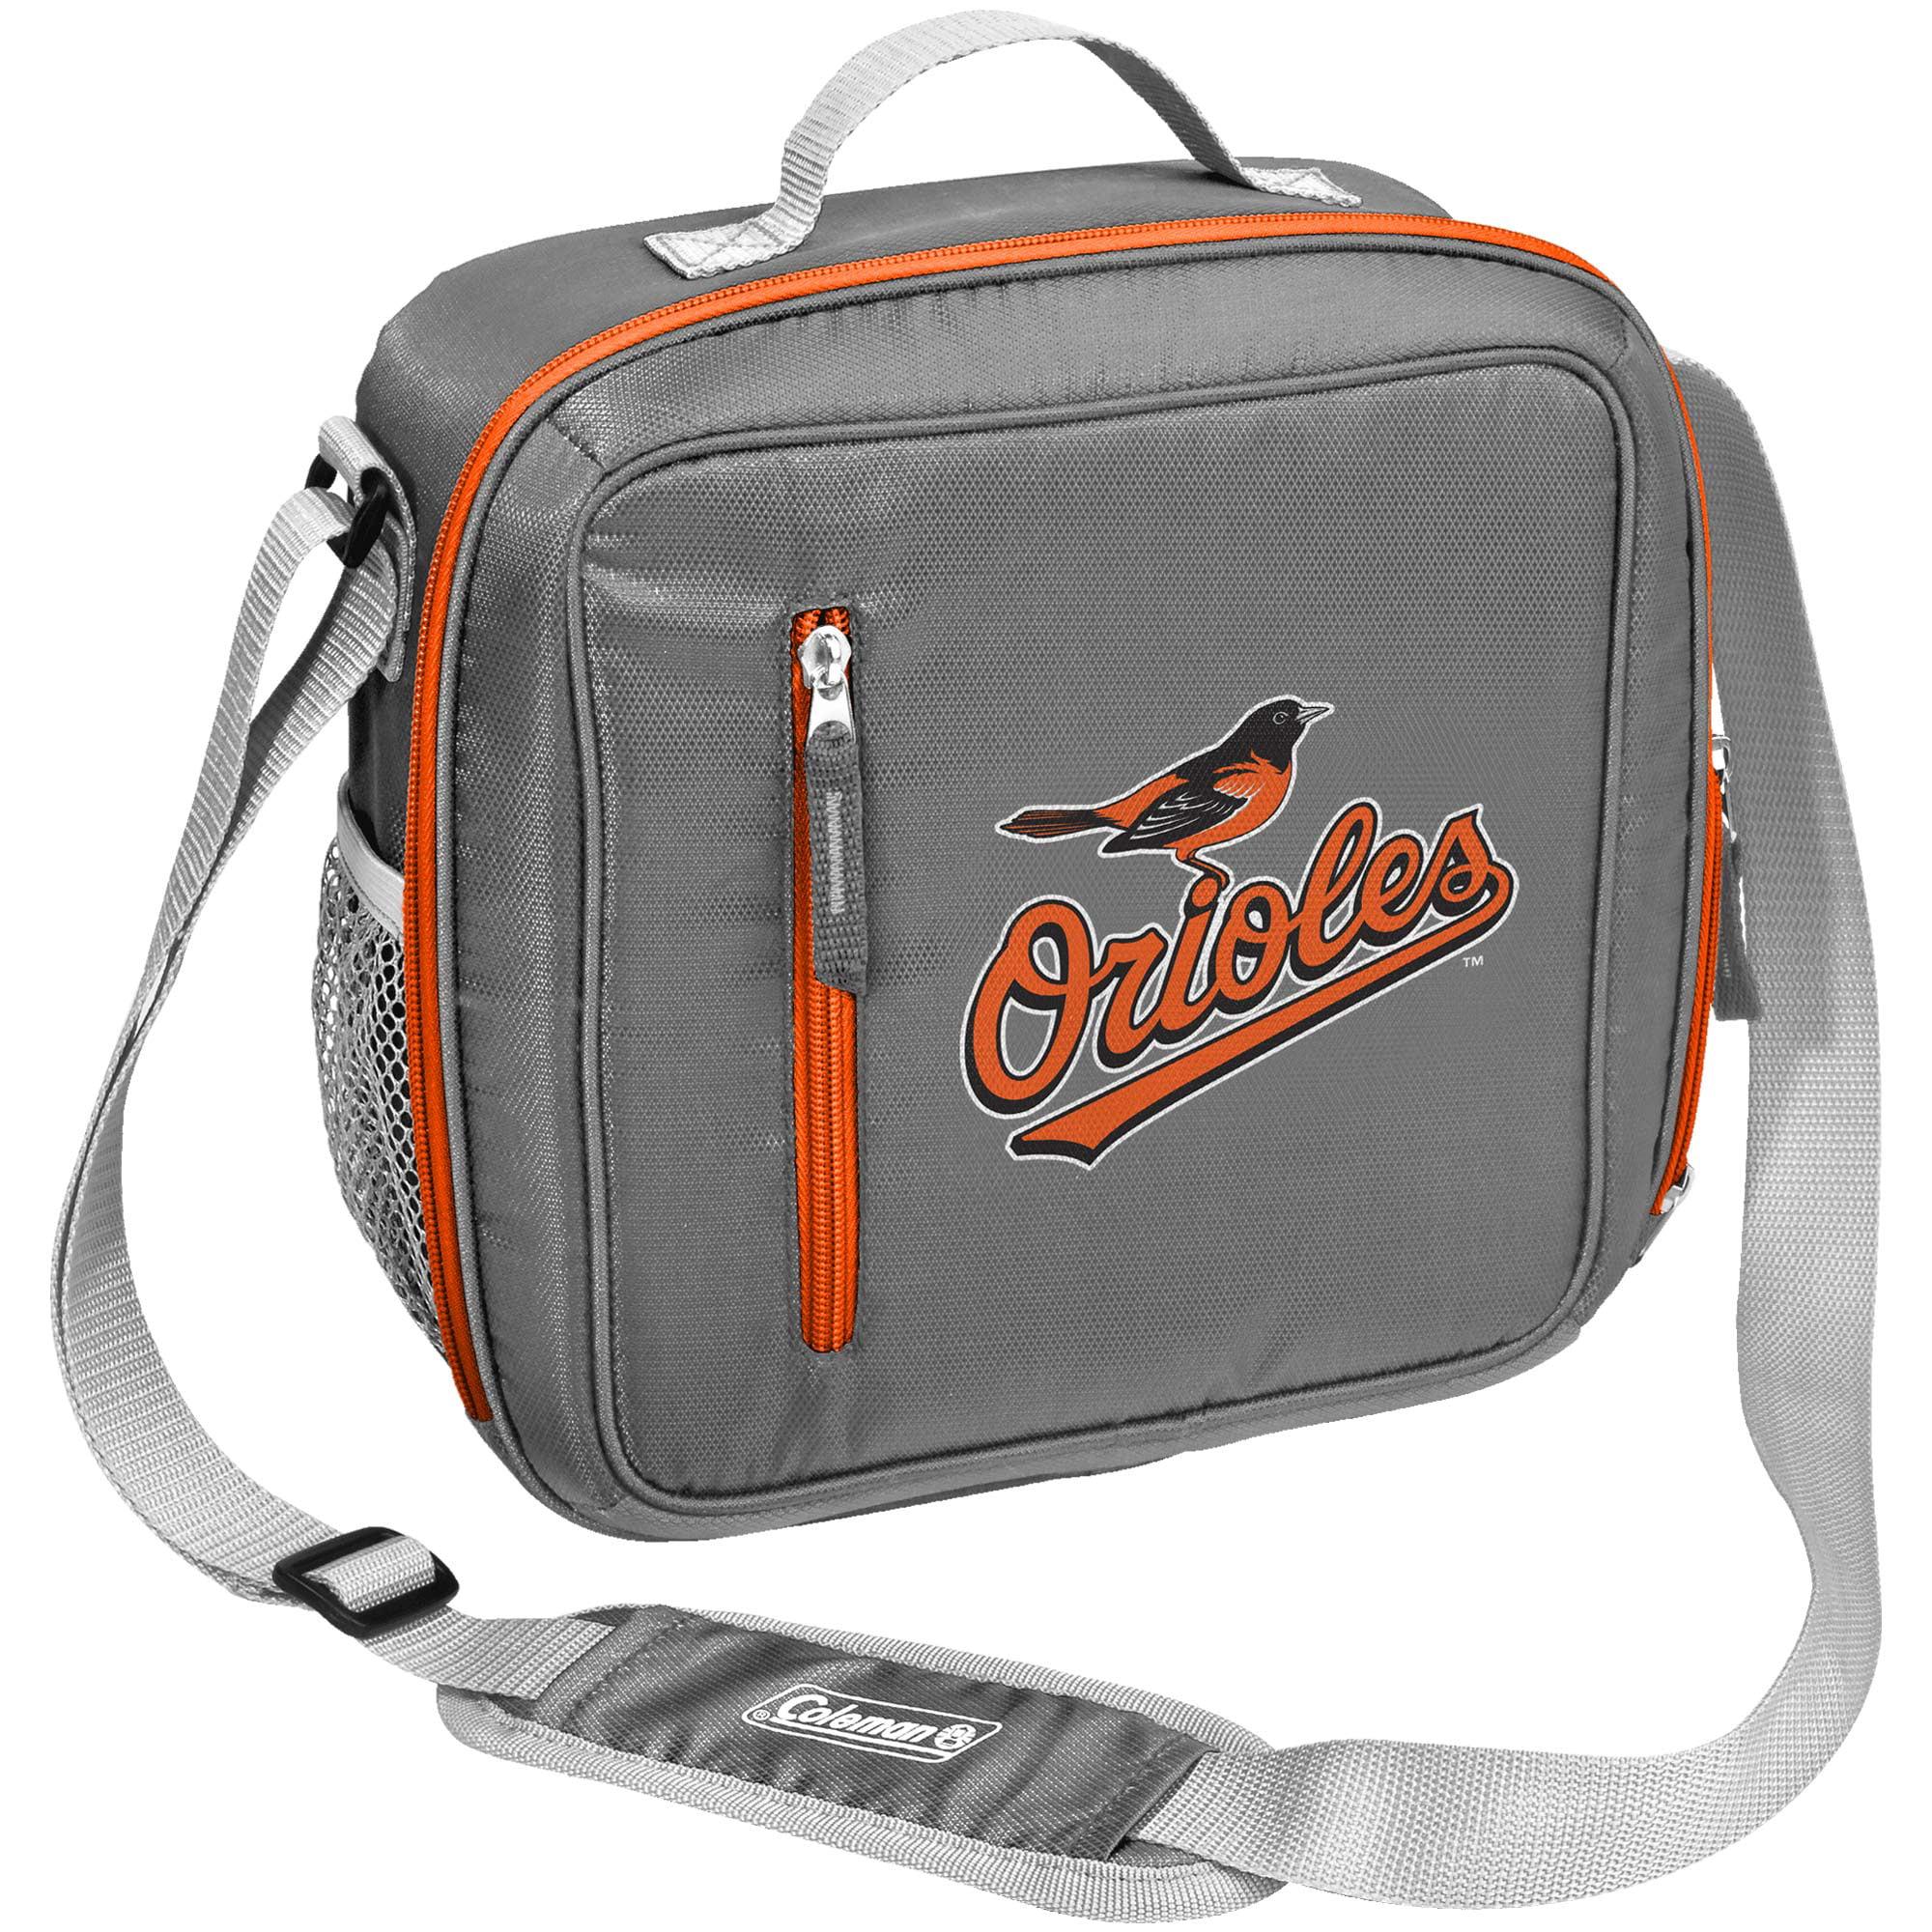 Baltimore Orioles Coleman Team Logo Messenger Cooler - No Size